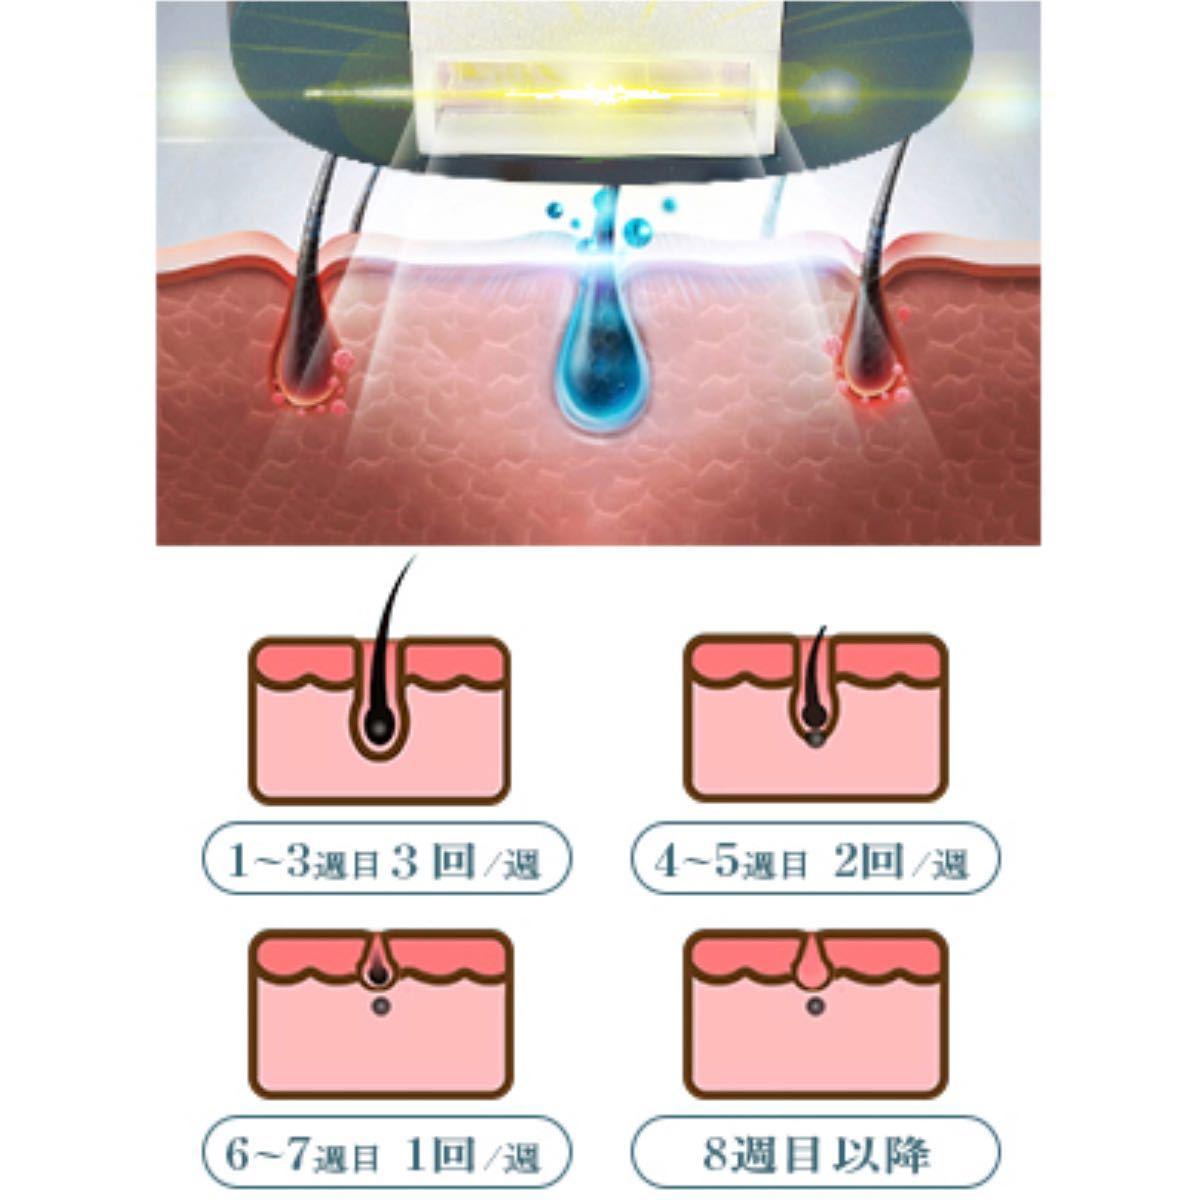 脱毛器 レーザー 99万回照射 冷感脱毛 冷却ケア機能付き IPL光脱毛器 フラッシュ式 永久脱毛 光美容器 5階段 8週間脱毛